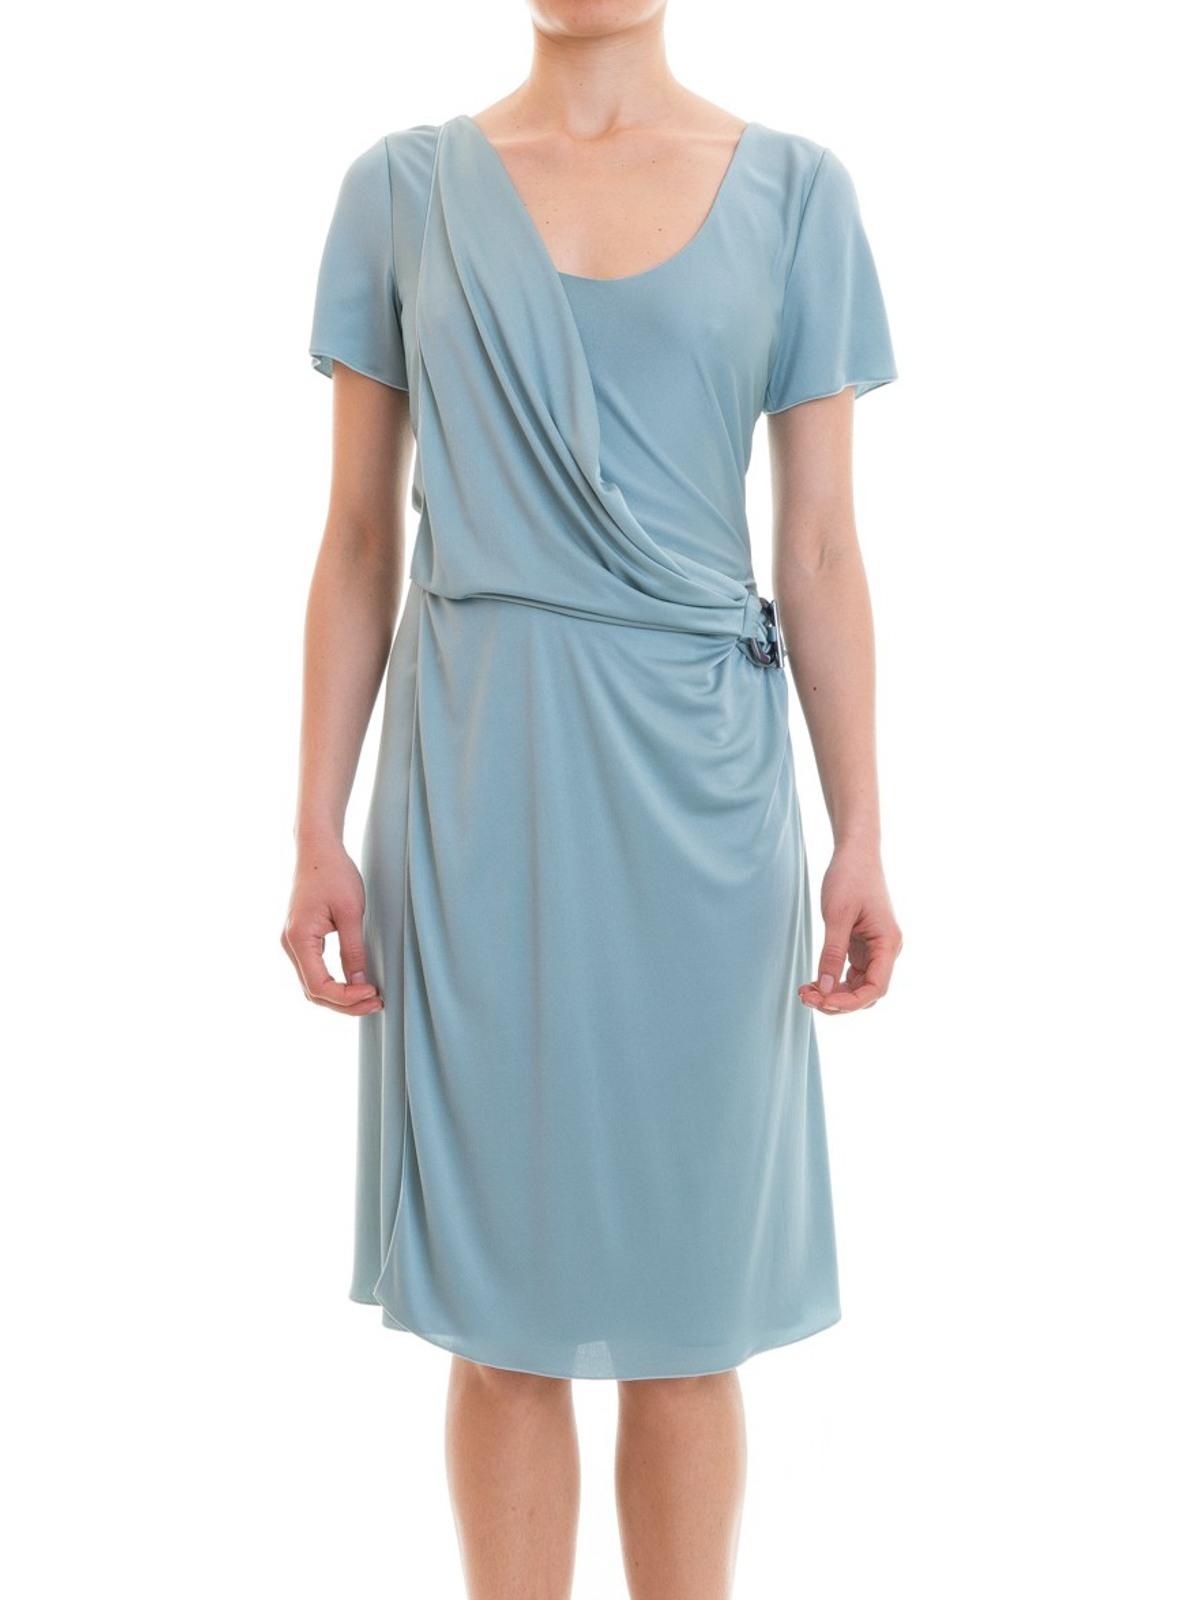 Großartig Kleid Hellblau Knielang StylishDesigner Schön Kleid Hellblau Knielang für 2019